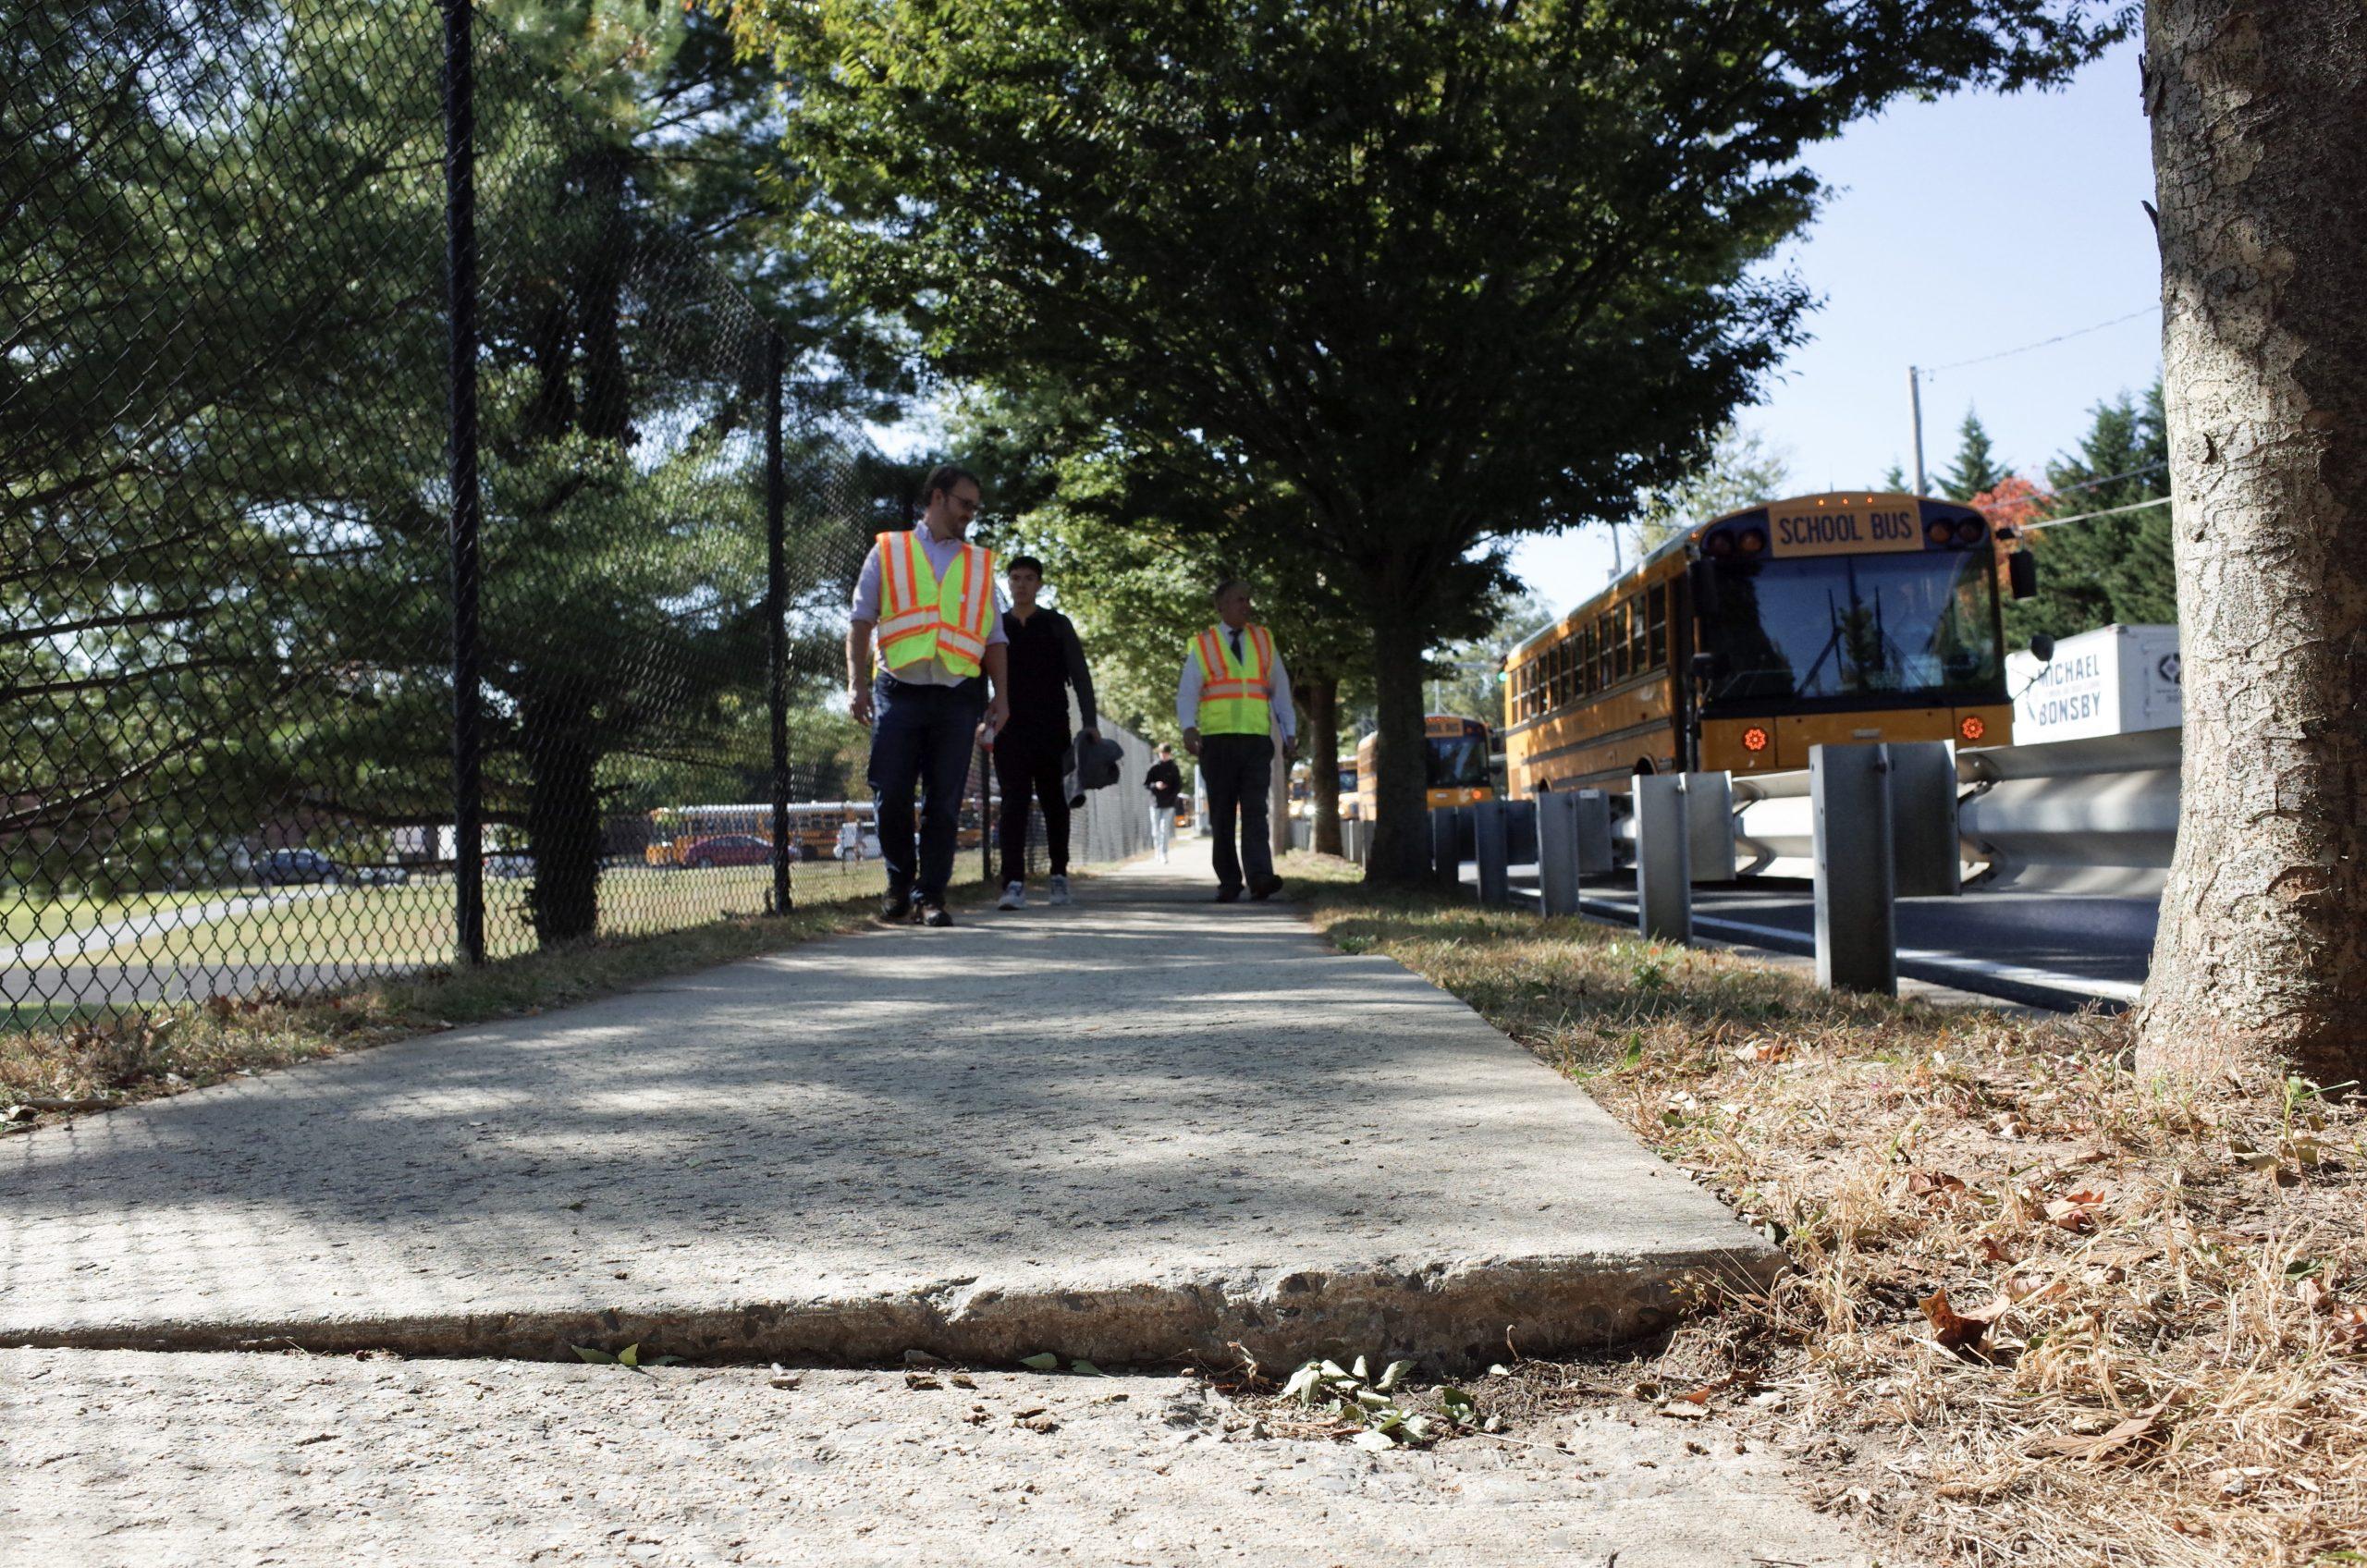 A sidewalk tripping hazard near a school in Ashton